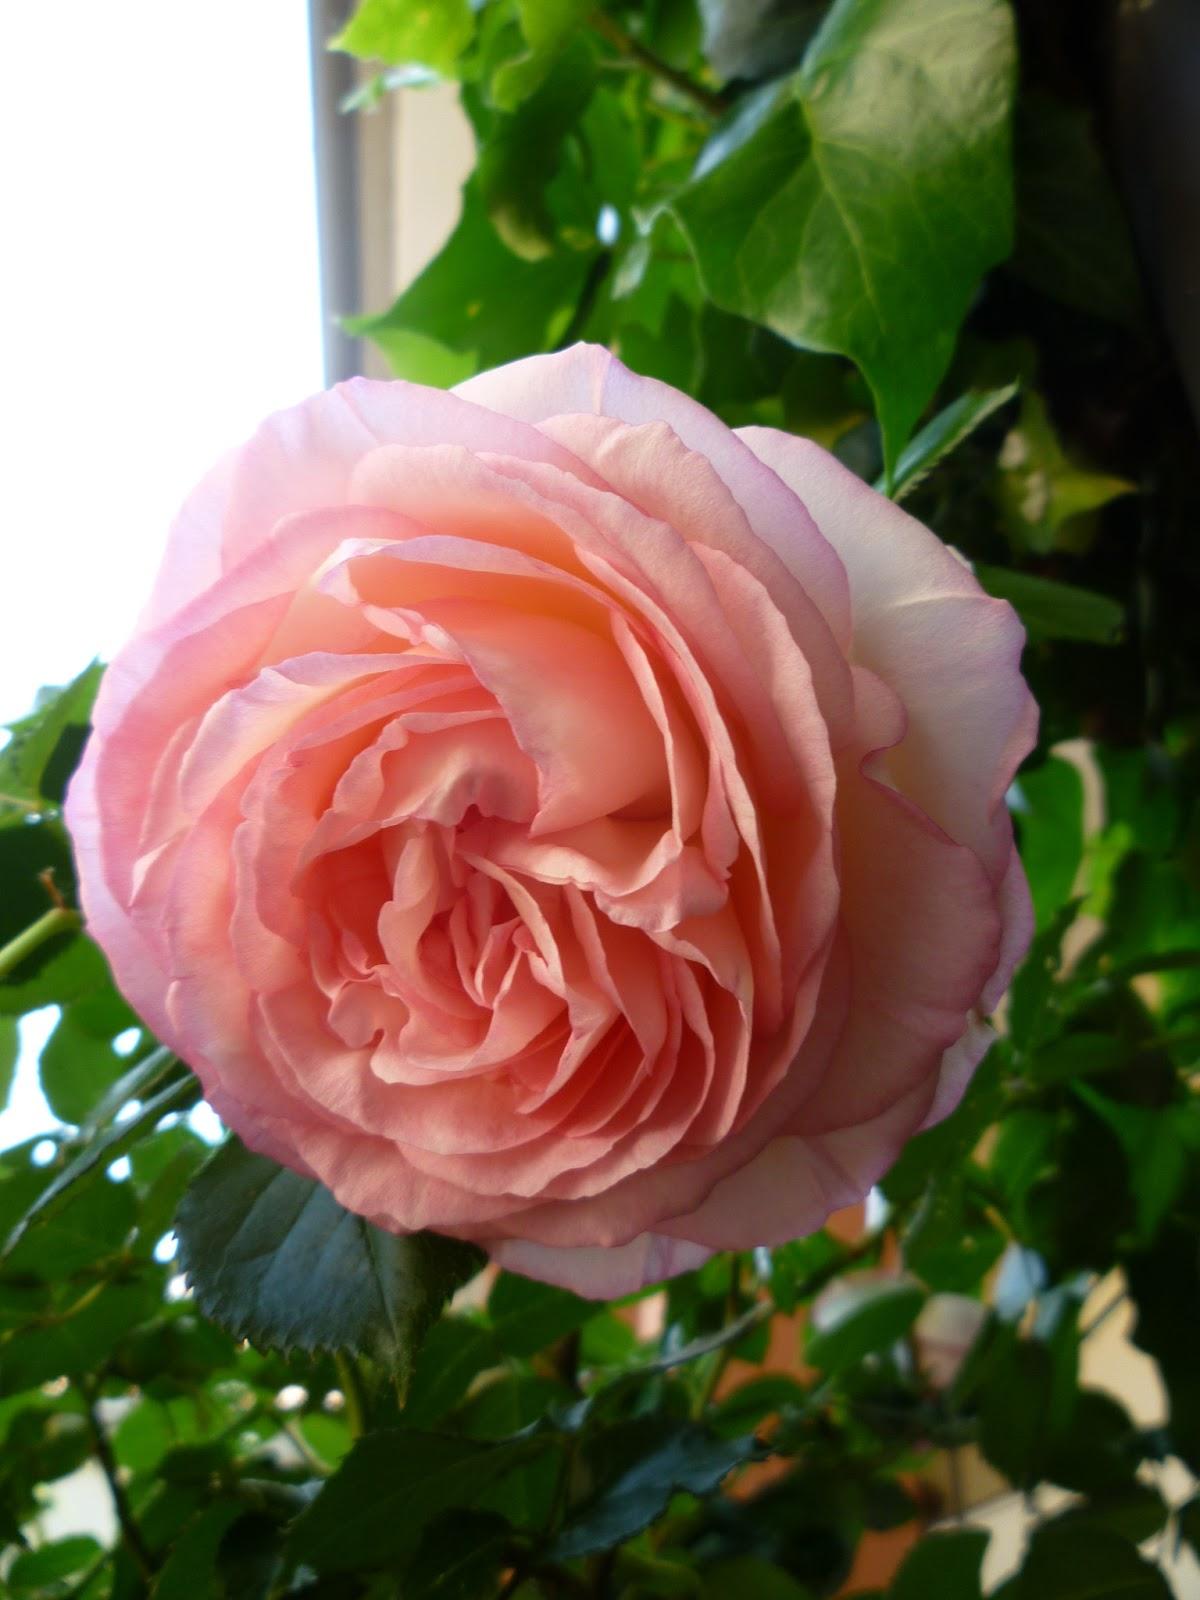 Vivere italiano la rosa pierre de ronsard for Pierre de ronsard rosa